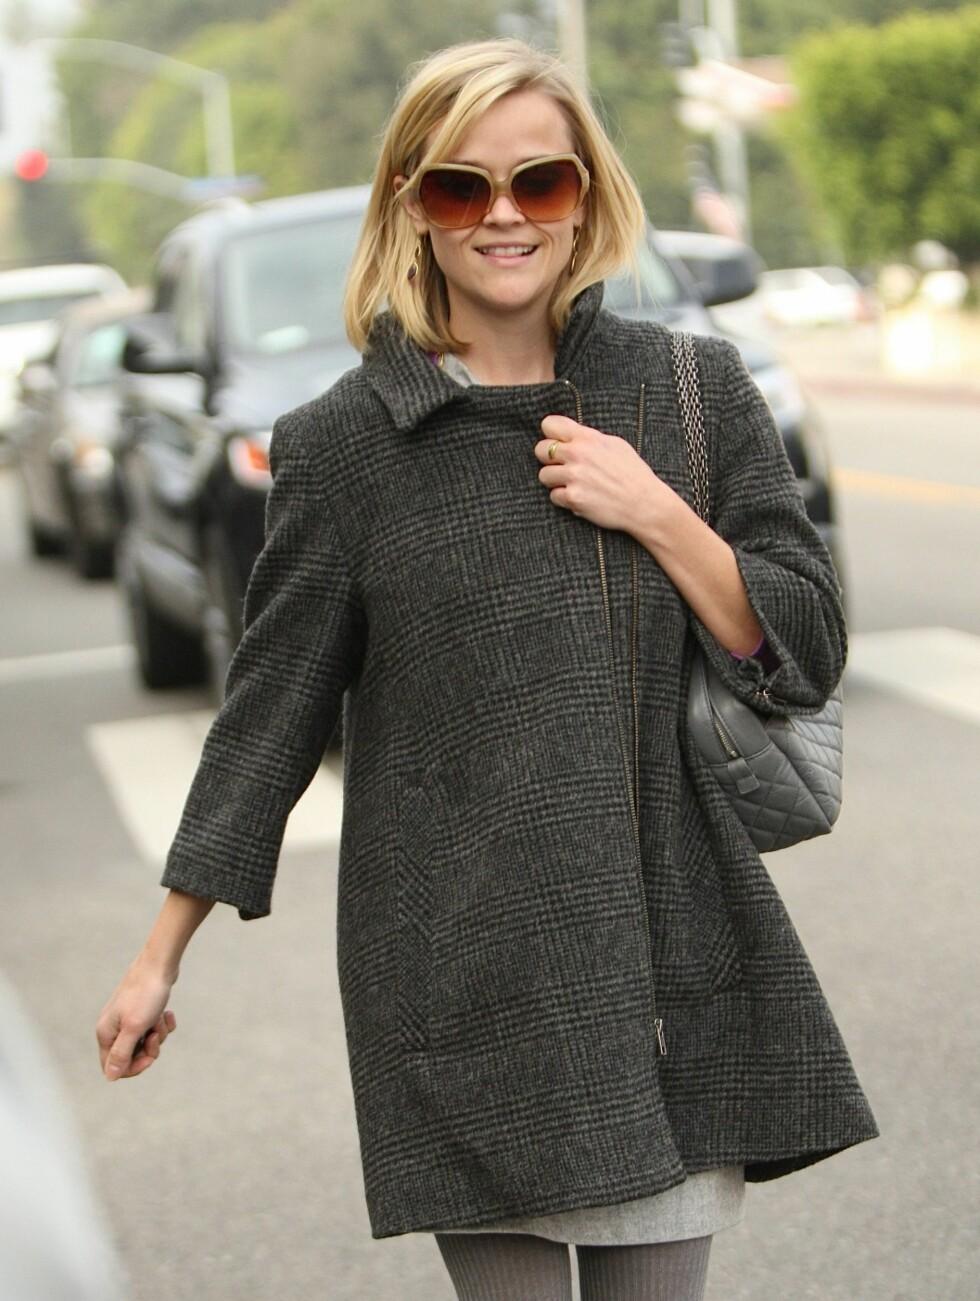 Reese Witherspoon synes at et måltid med voksenmat om dagen får holde. Ellers holder hun seg slank ved å spise babymat fra glass.    Foto: All Over Press